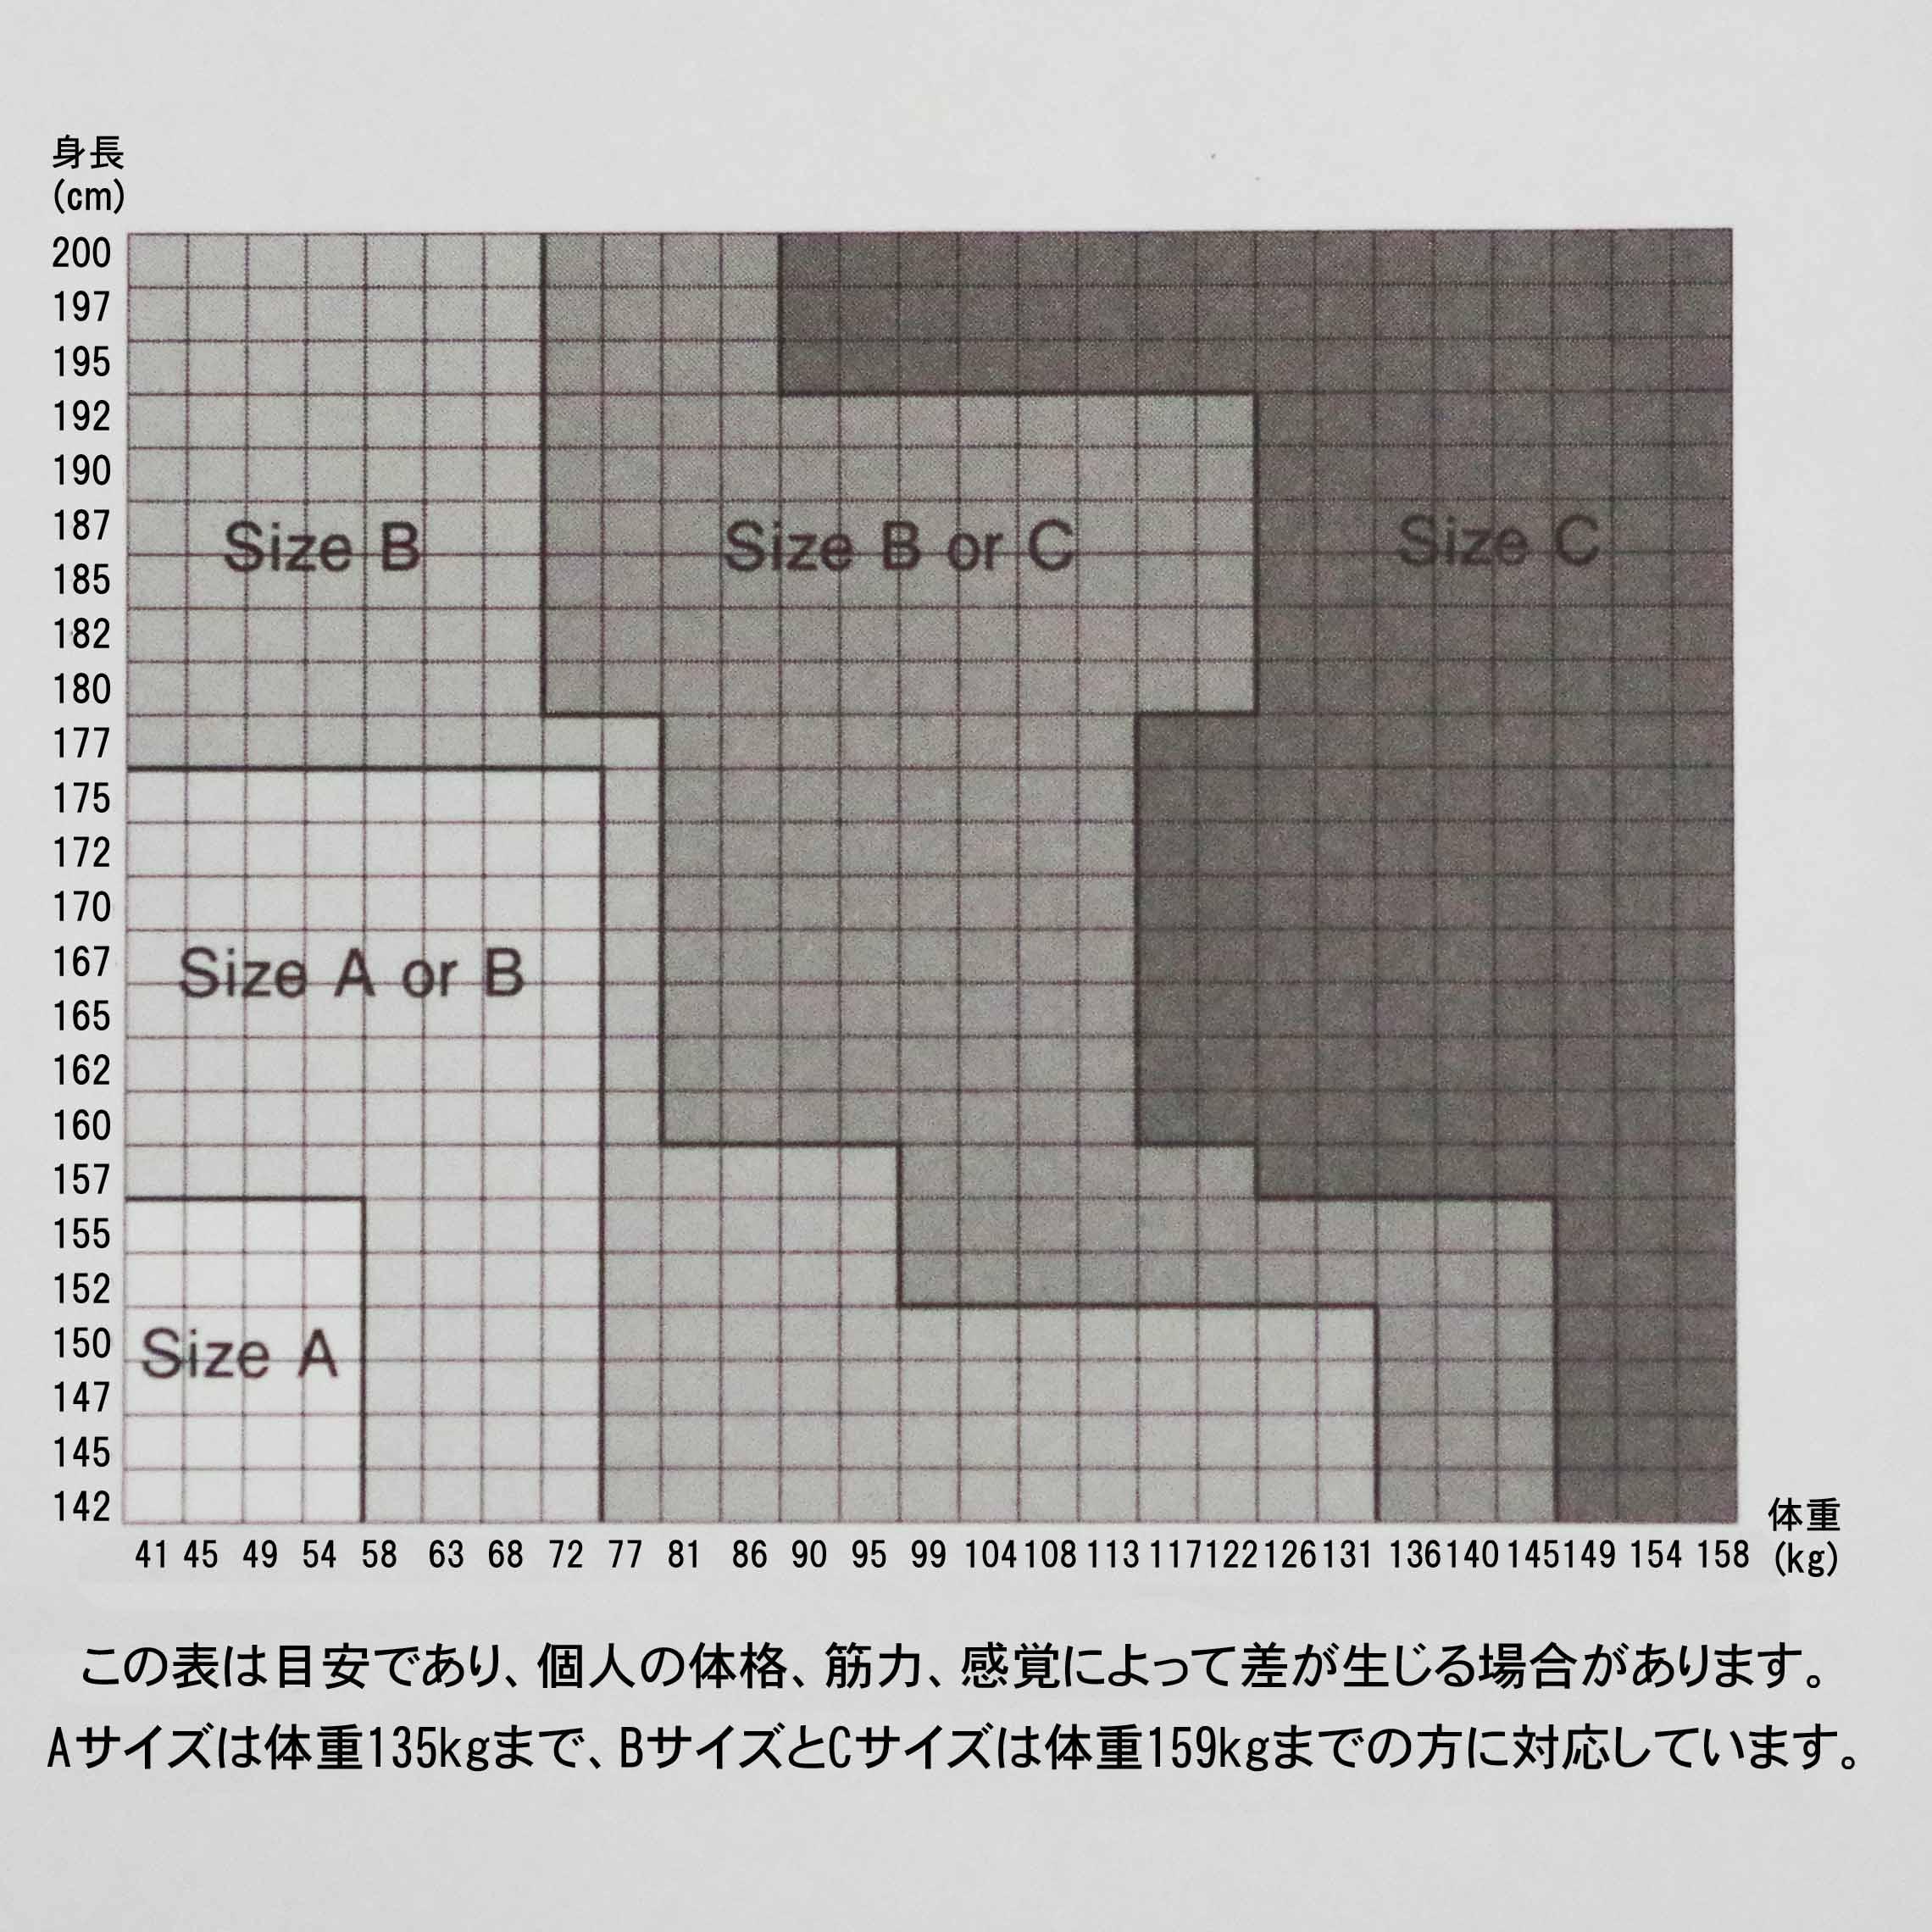 アーロンチェアのサイズ見込み表